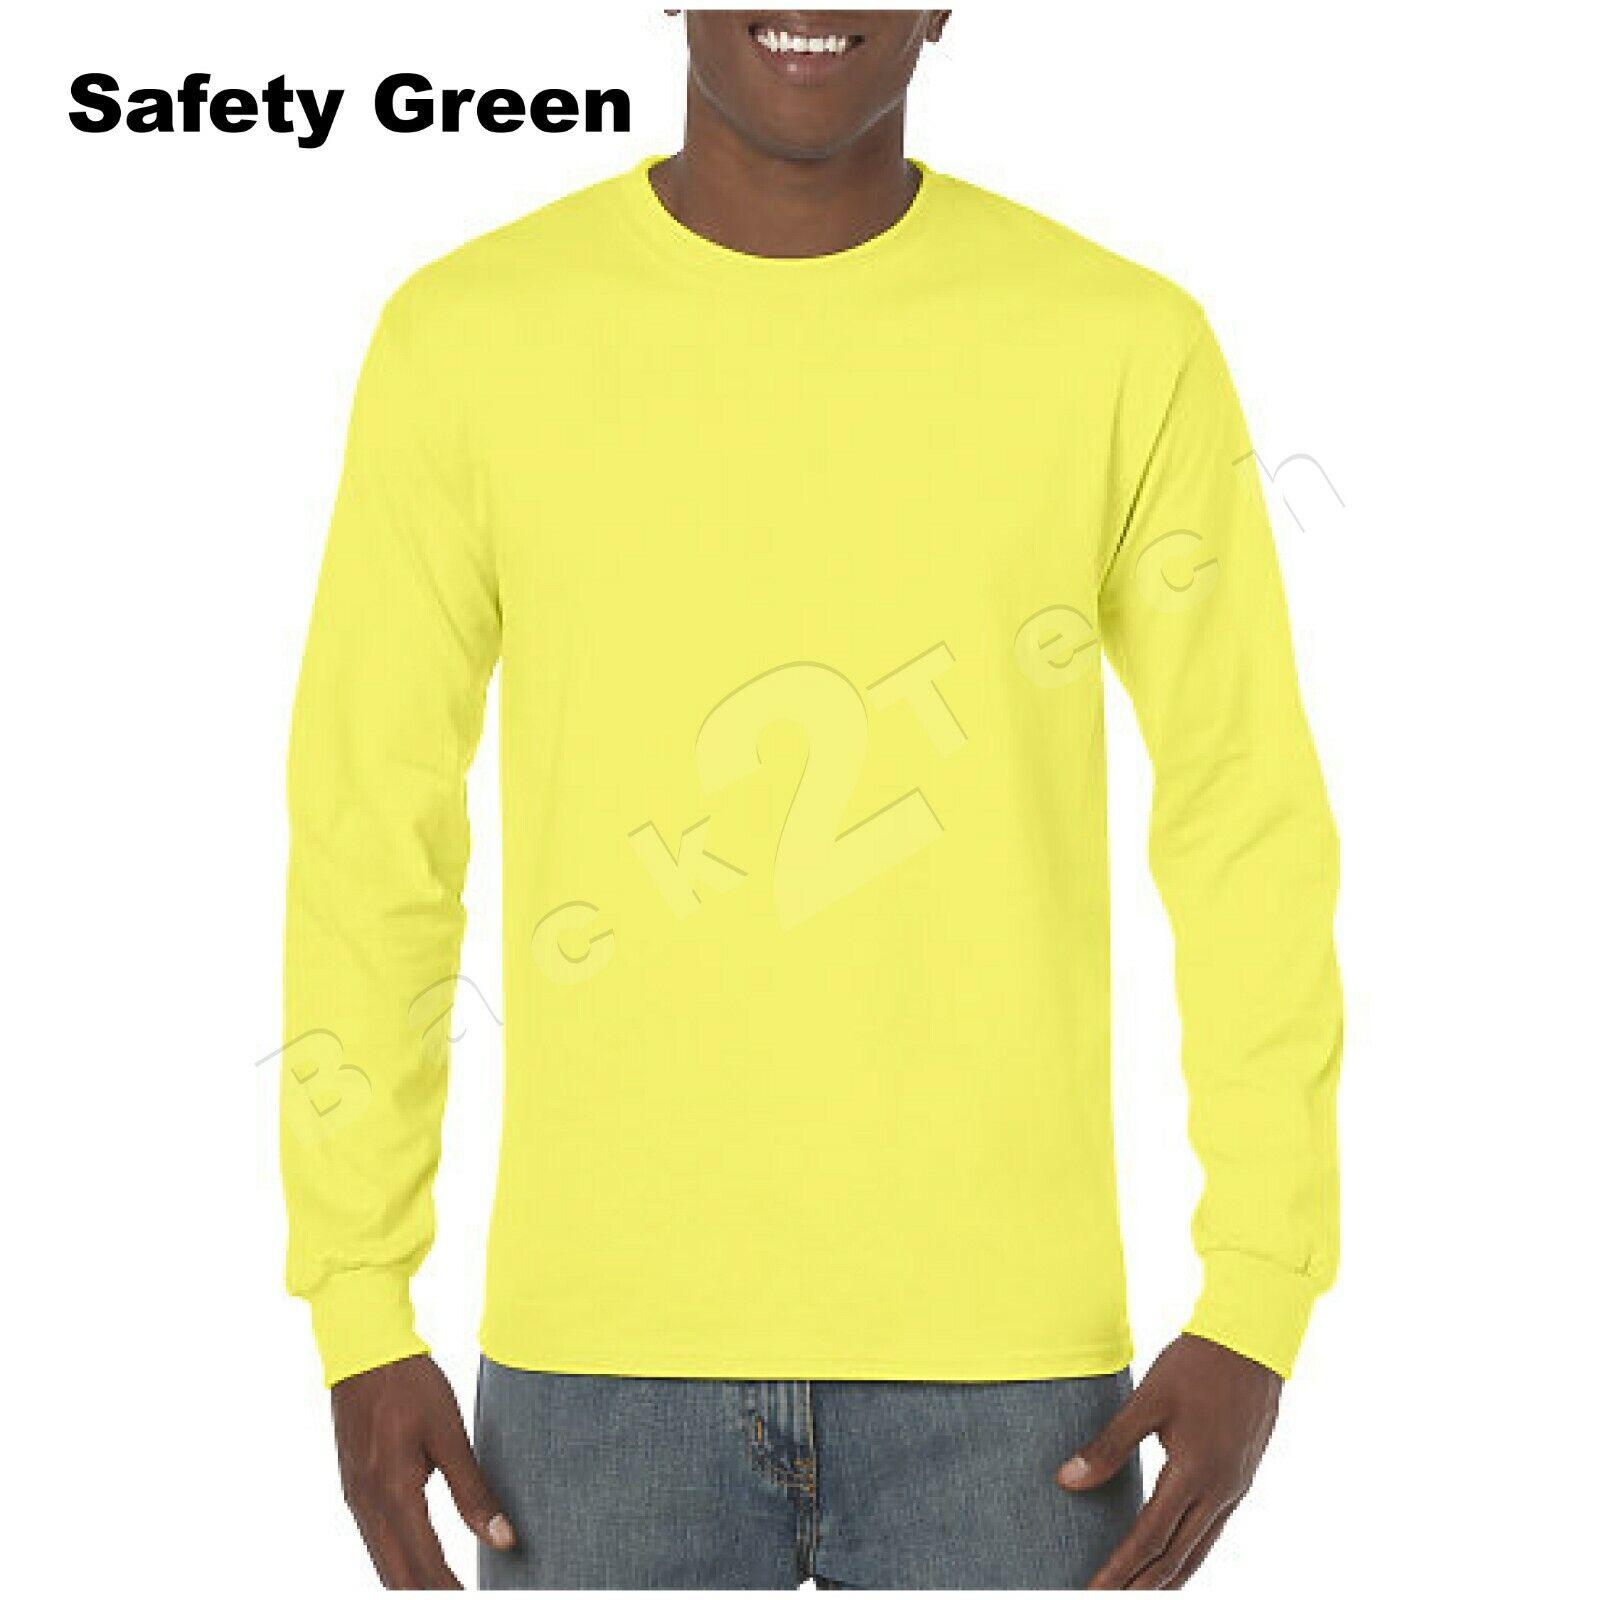 SafetyGreen